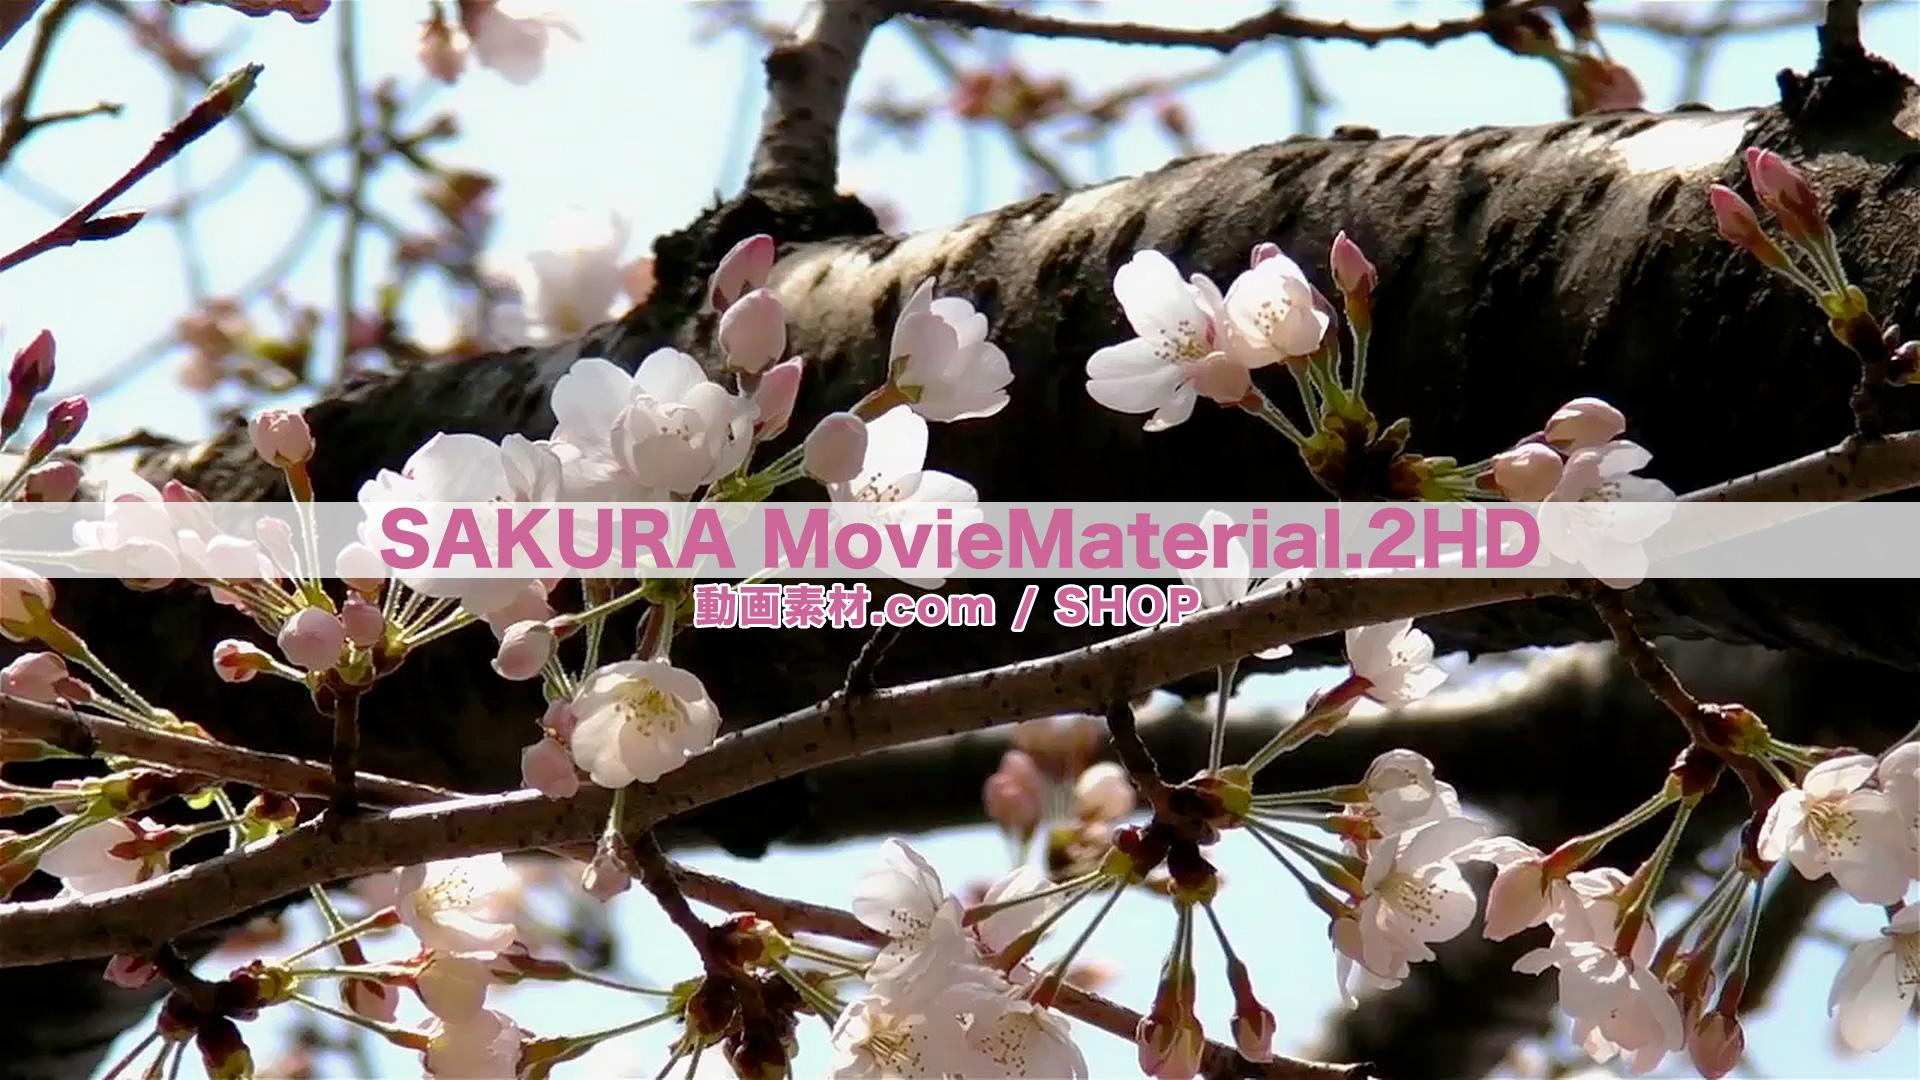 SAKURA2HD_7